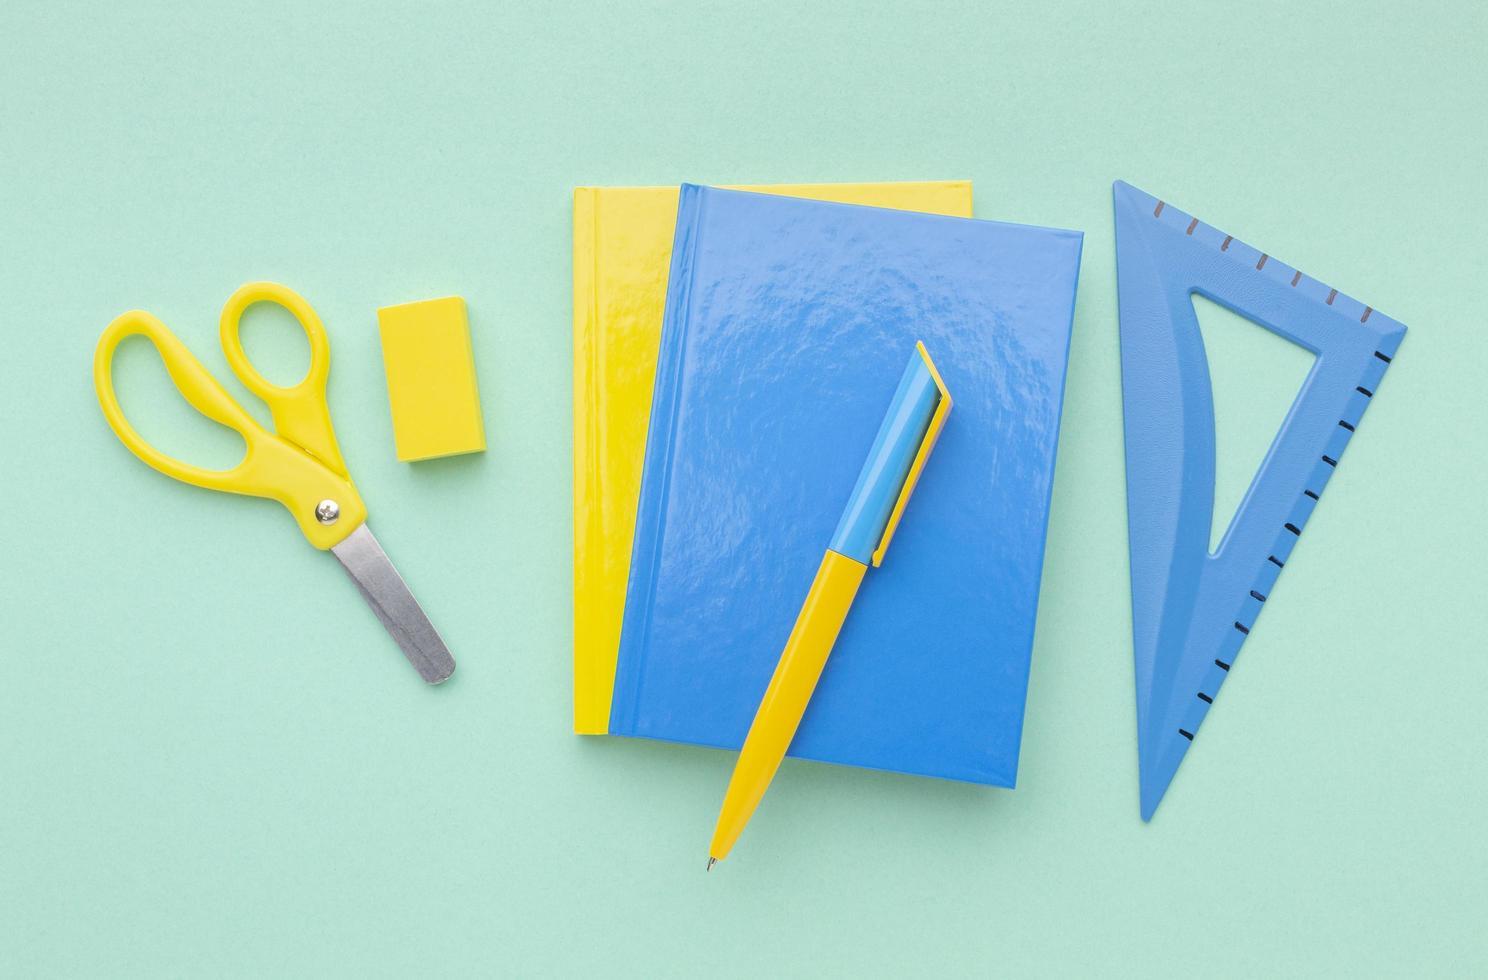 arrangement de fournitures scolaires avec espace copie photo